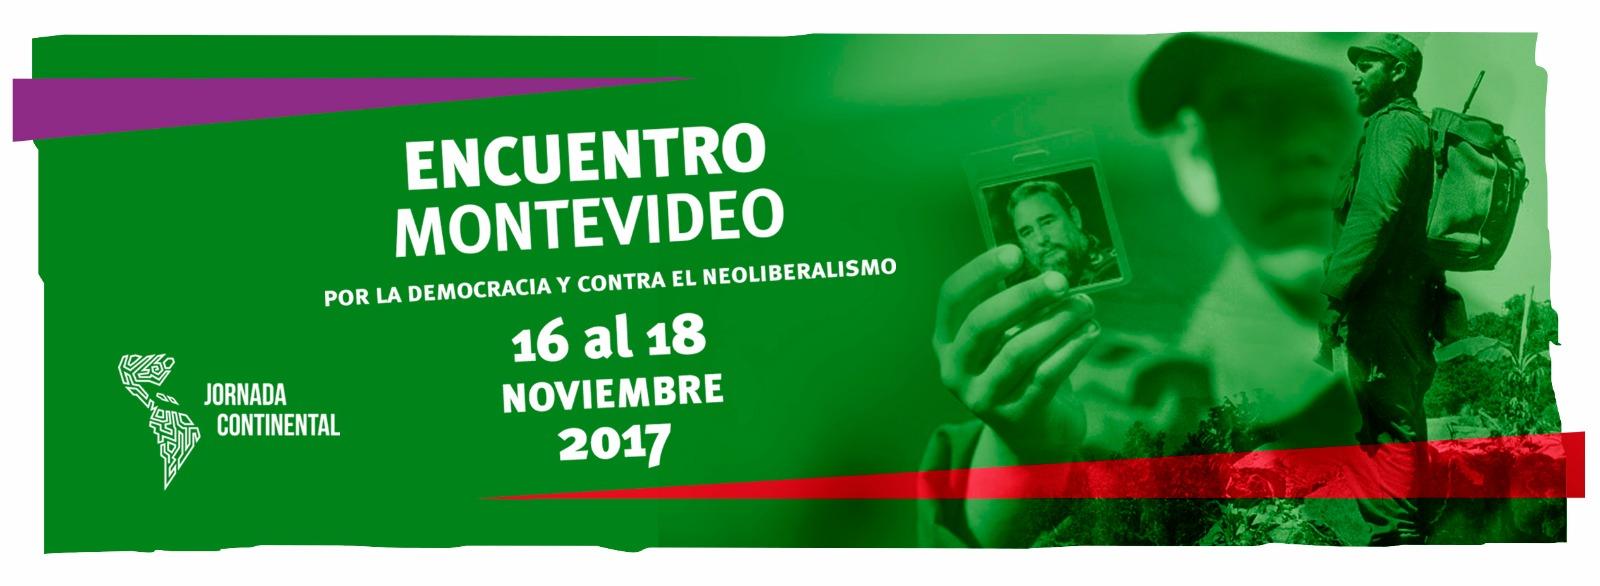 Imagen del homenaje a Fidel Castro en el Encuentro de Montevideo. Jornada Continental